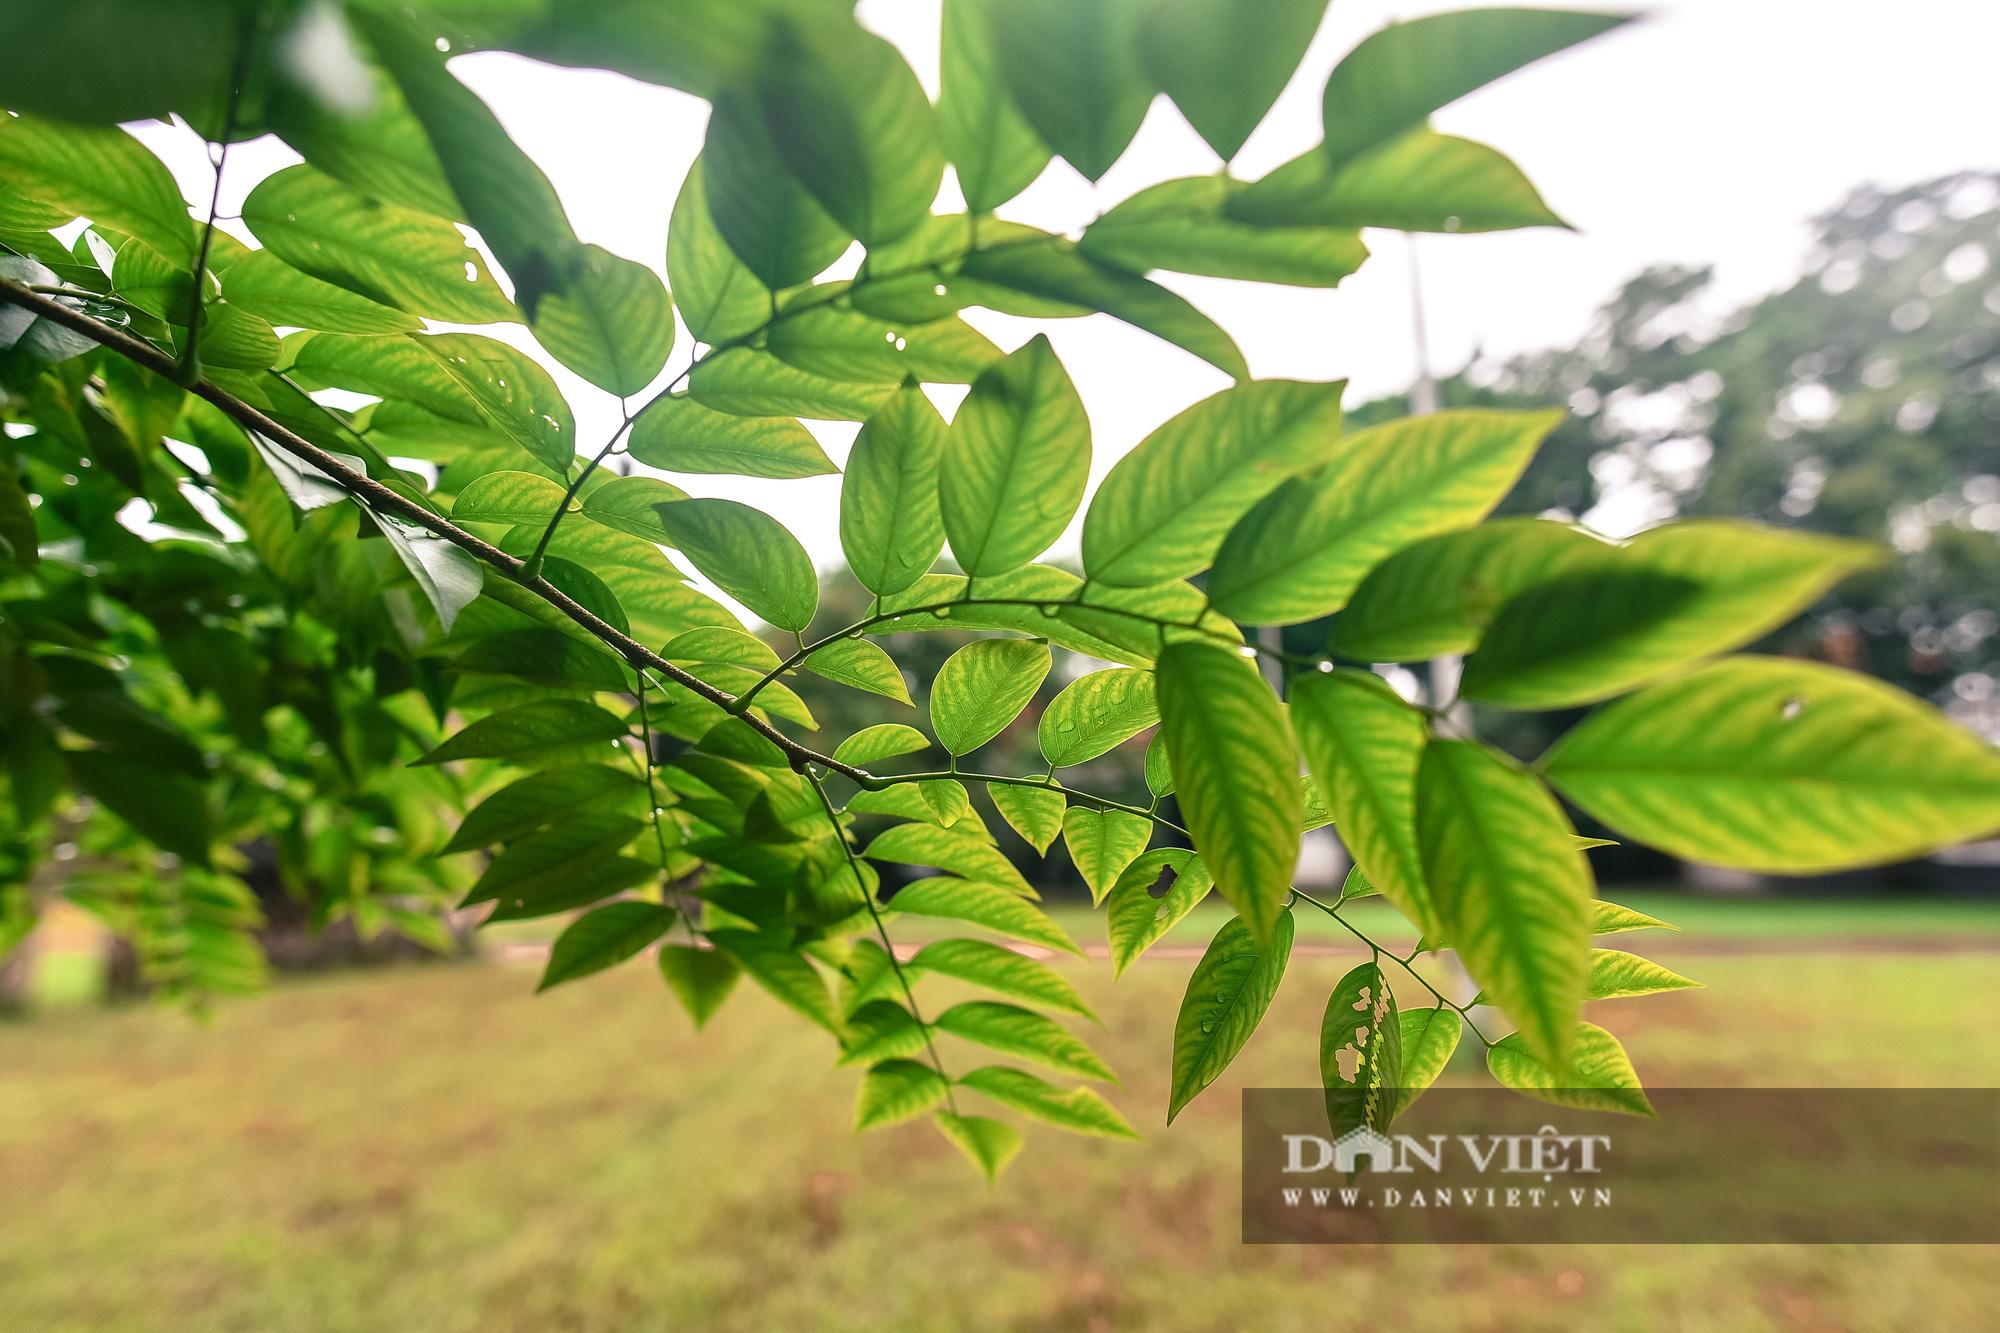 Chiêm ngưỡng cây sưa trăm tuổi ở Hà Nội, giá 60 tỷ đồng nhưng không bán